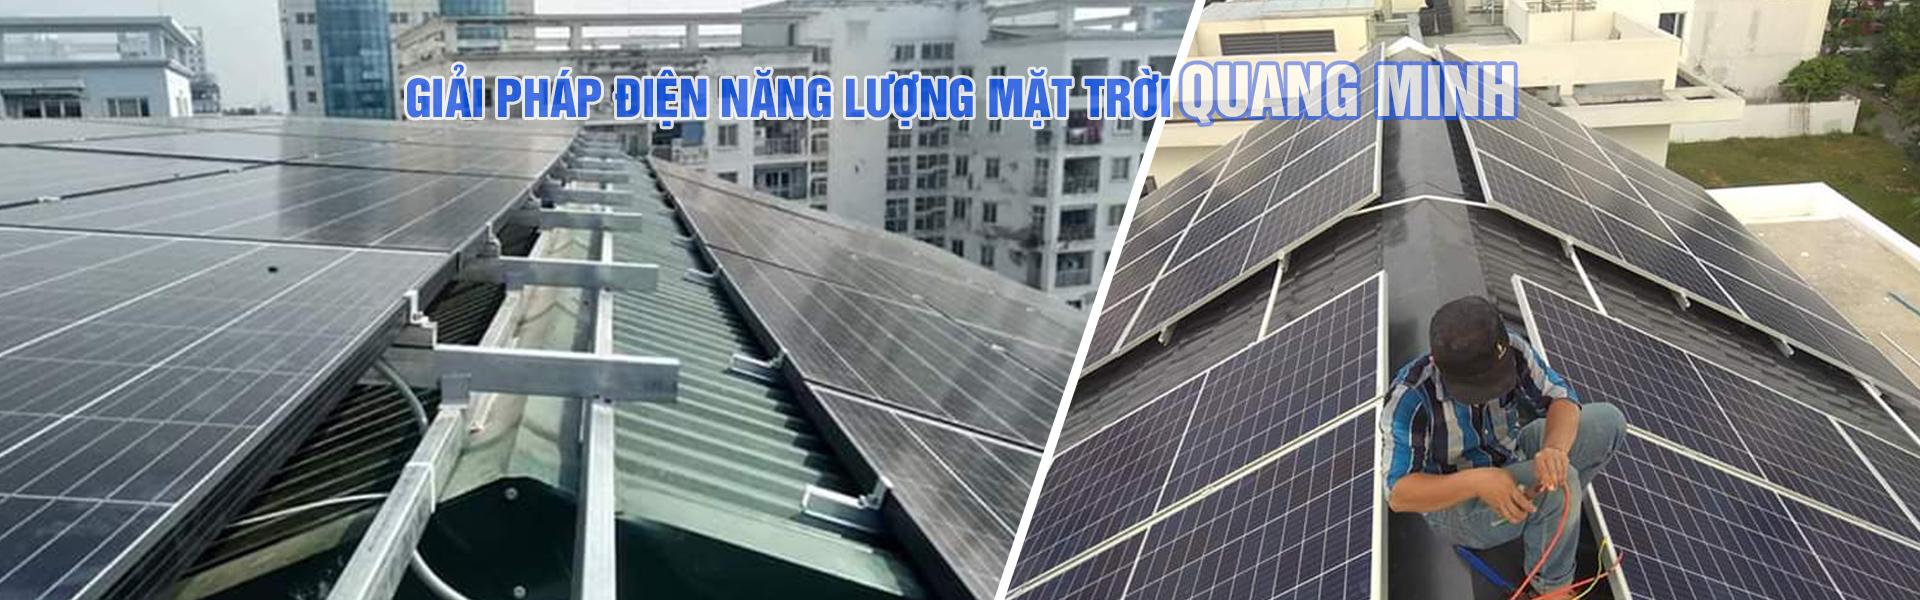 Giải pháp điện năng lượng mặt trời